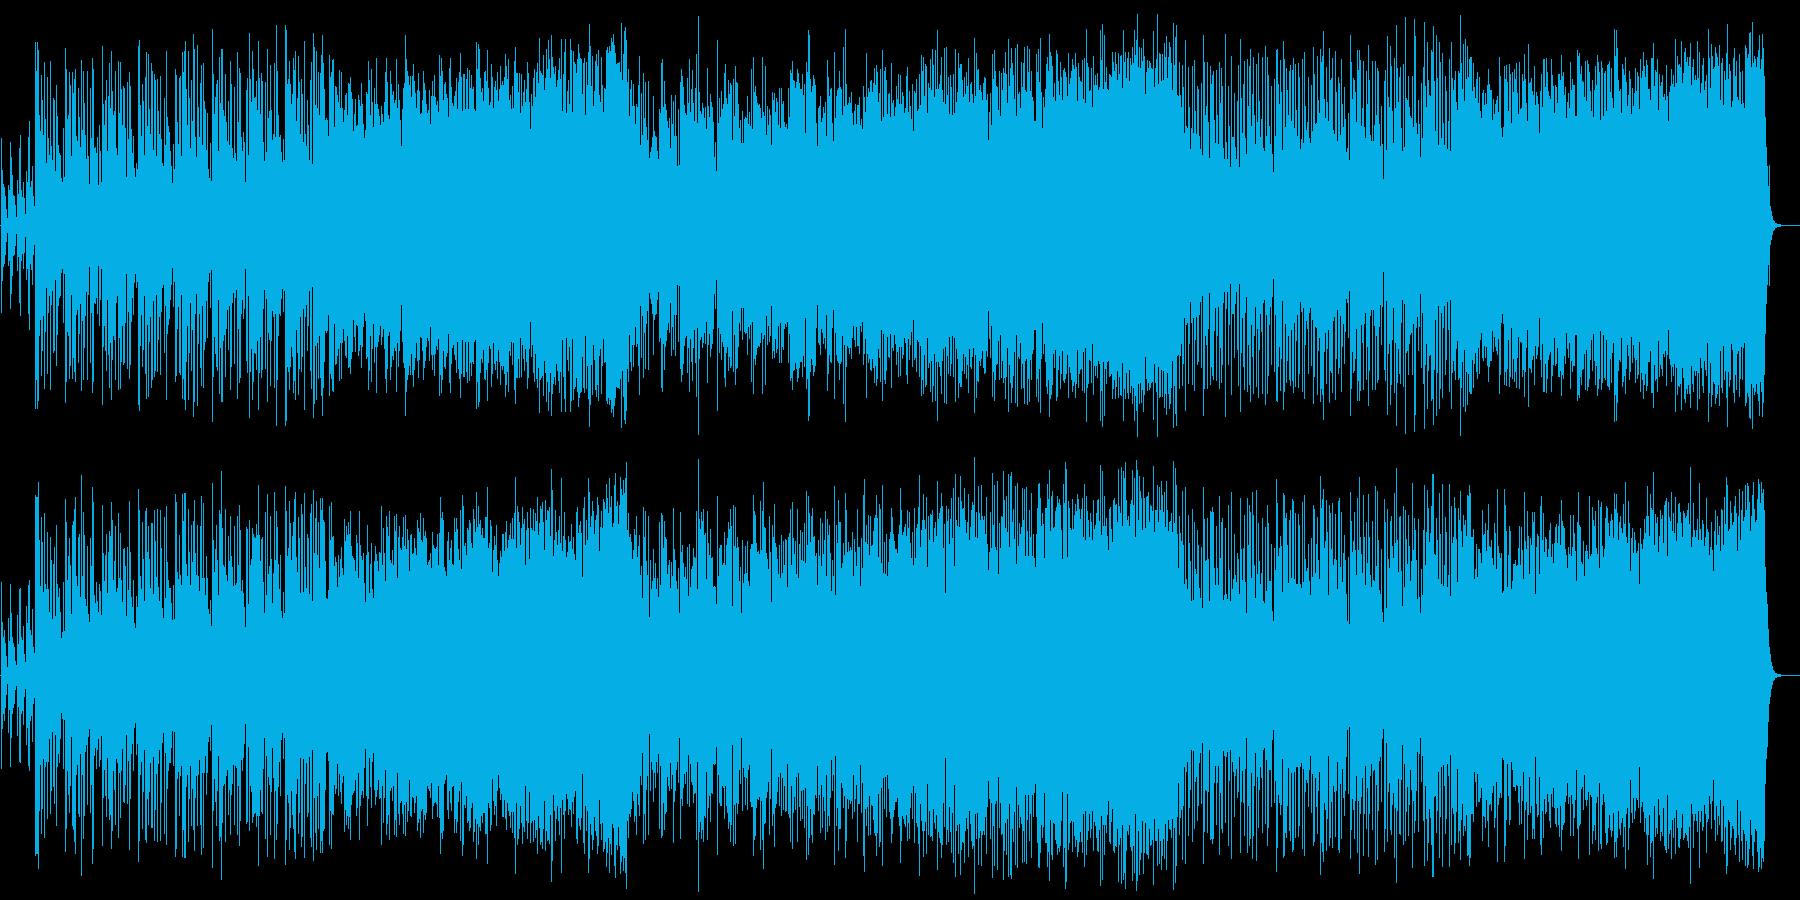 パワフルな和風曲の再生済みの波形